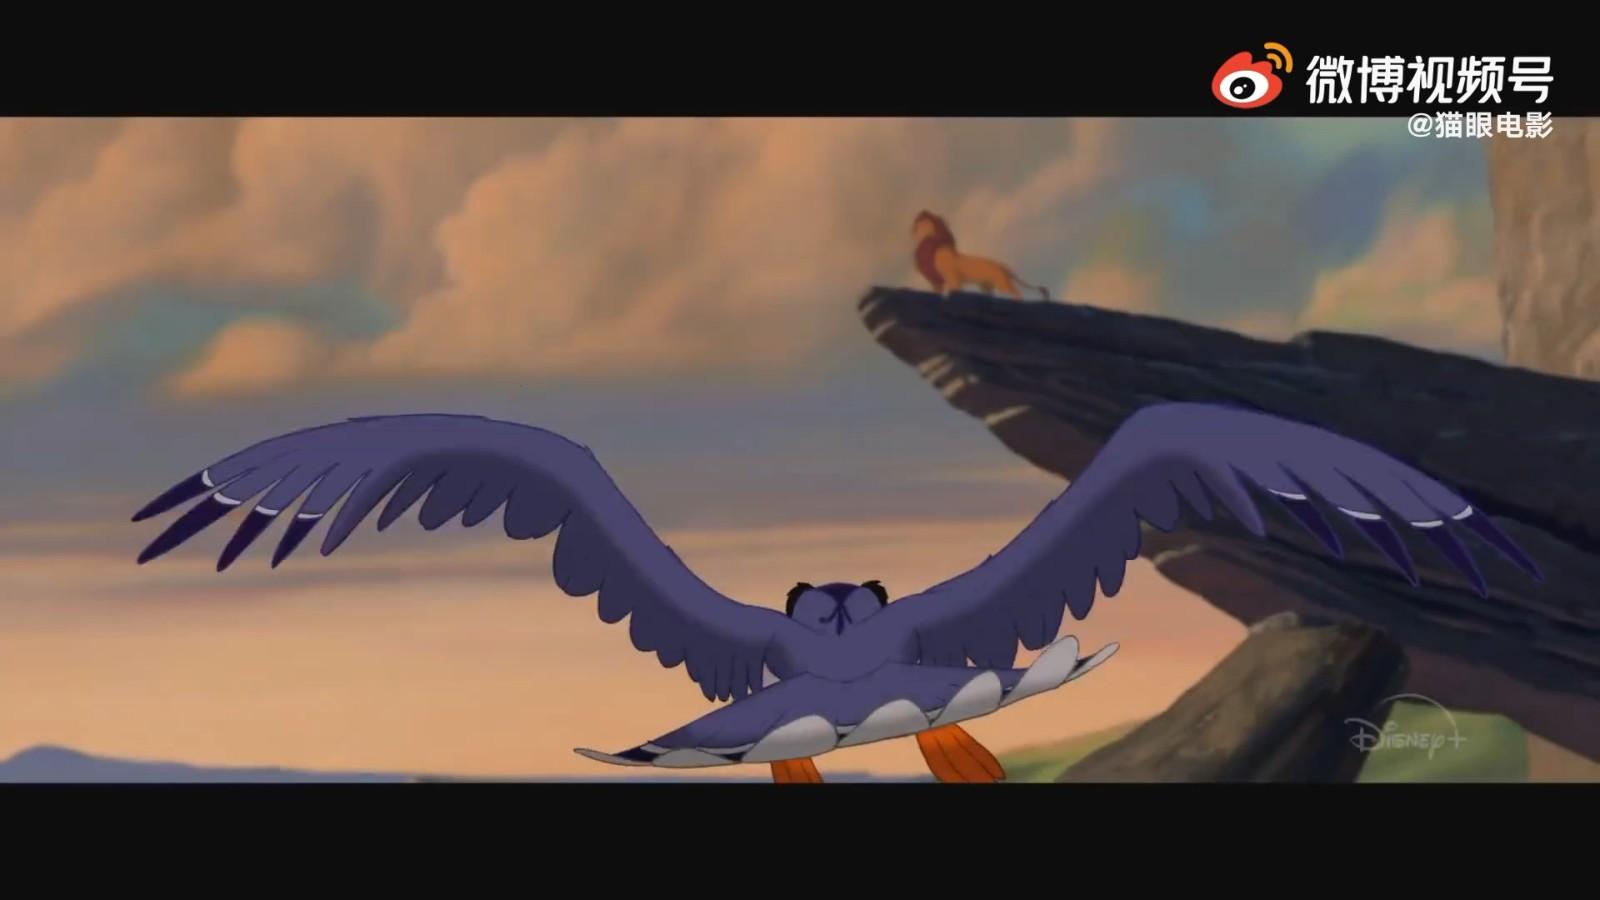 迪士尼《雪宝大舞台》先导预告 上演《狮子王》《阿拉丁》故事